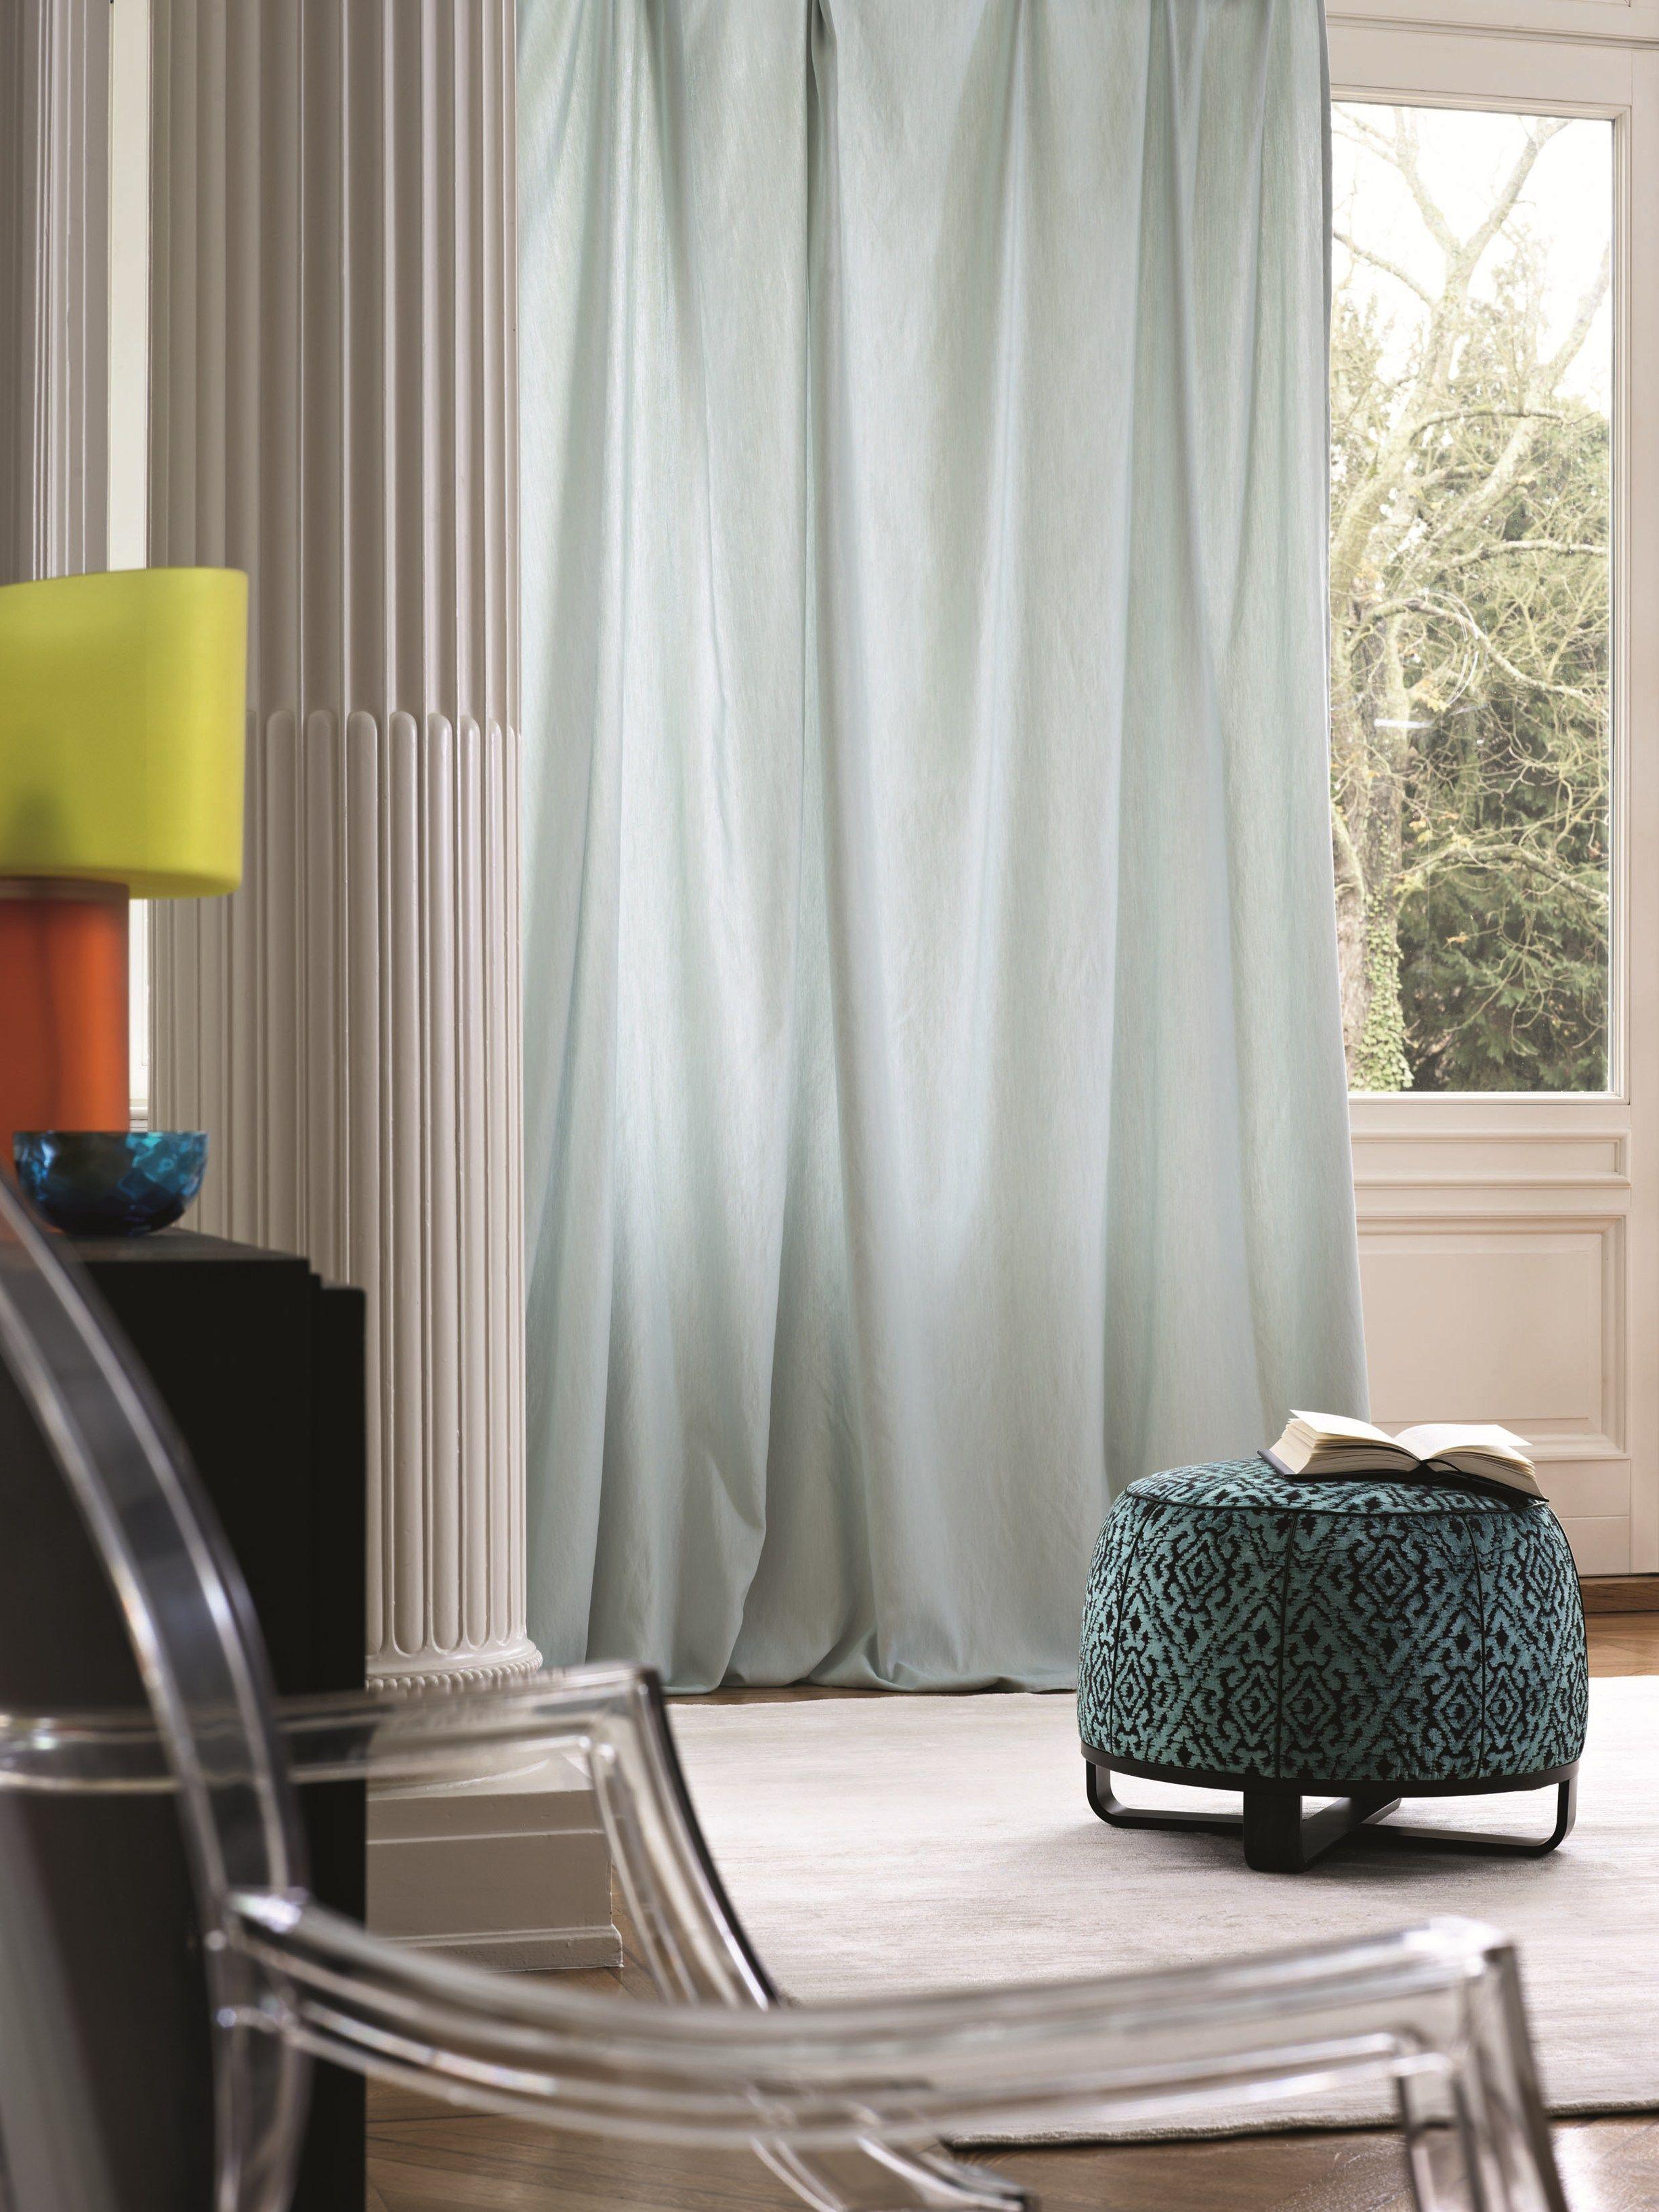 tessuto da tappezzeria con motivi grafici stimulation by zimmer rohde. Black Bedroom Furniture Sets. Home Design Ideas